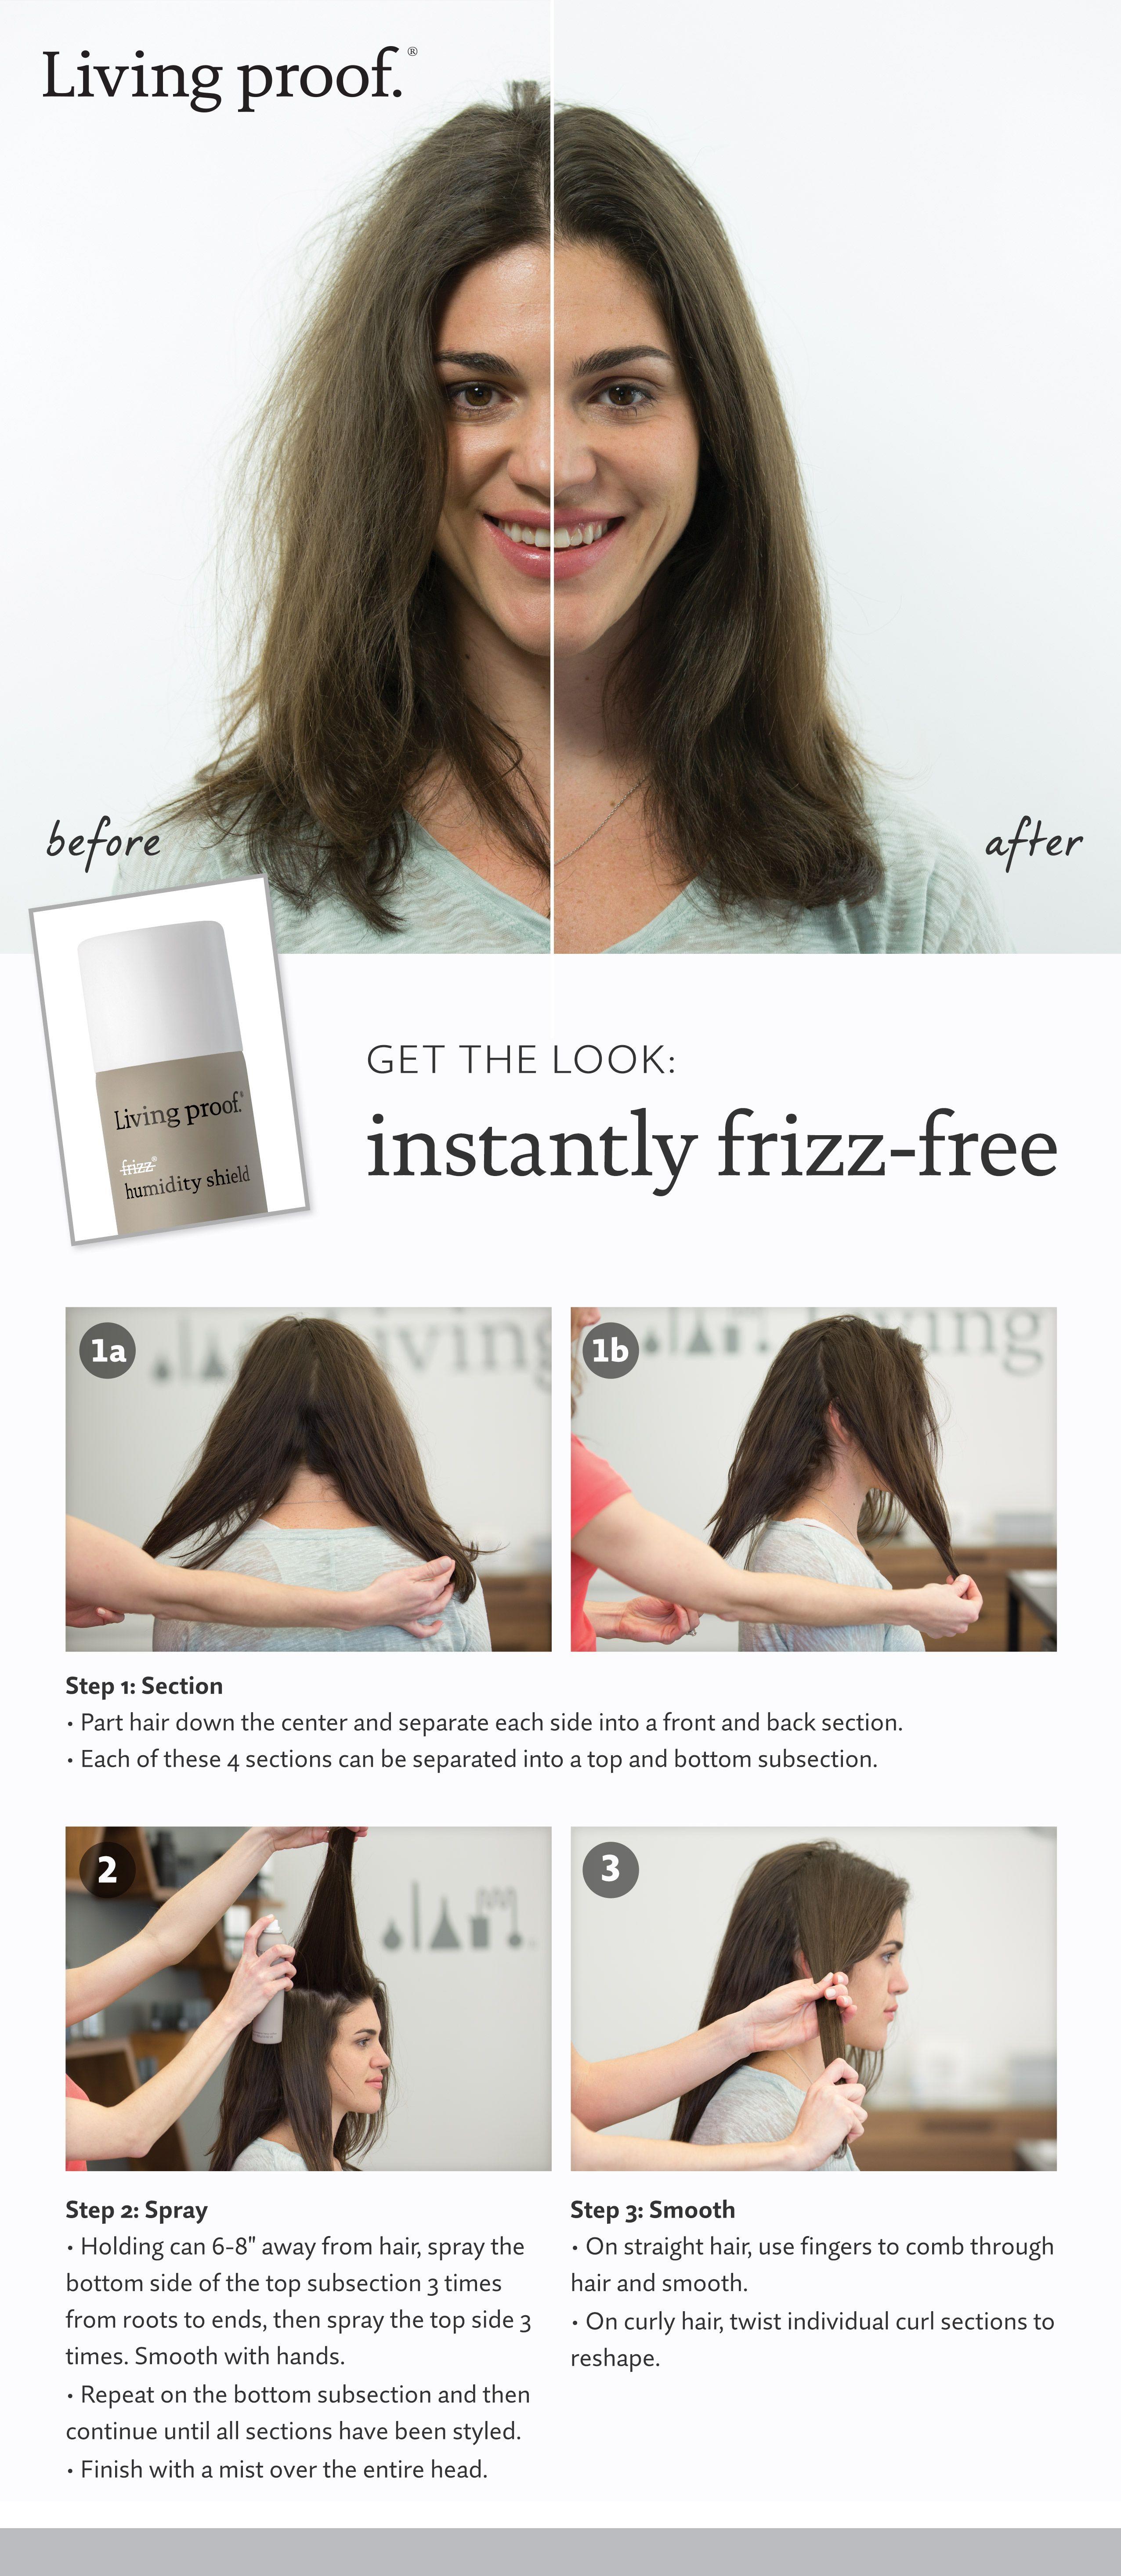 No Frizz Humidity Shield Living Proof Sephora In 2020 Frizz Free Hair Frizz Anti Frizz Shampoo